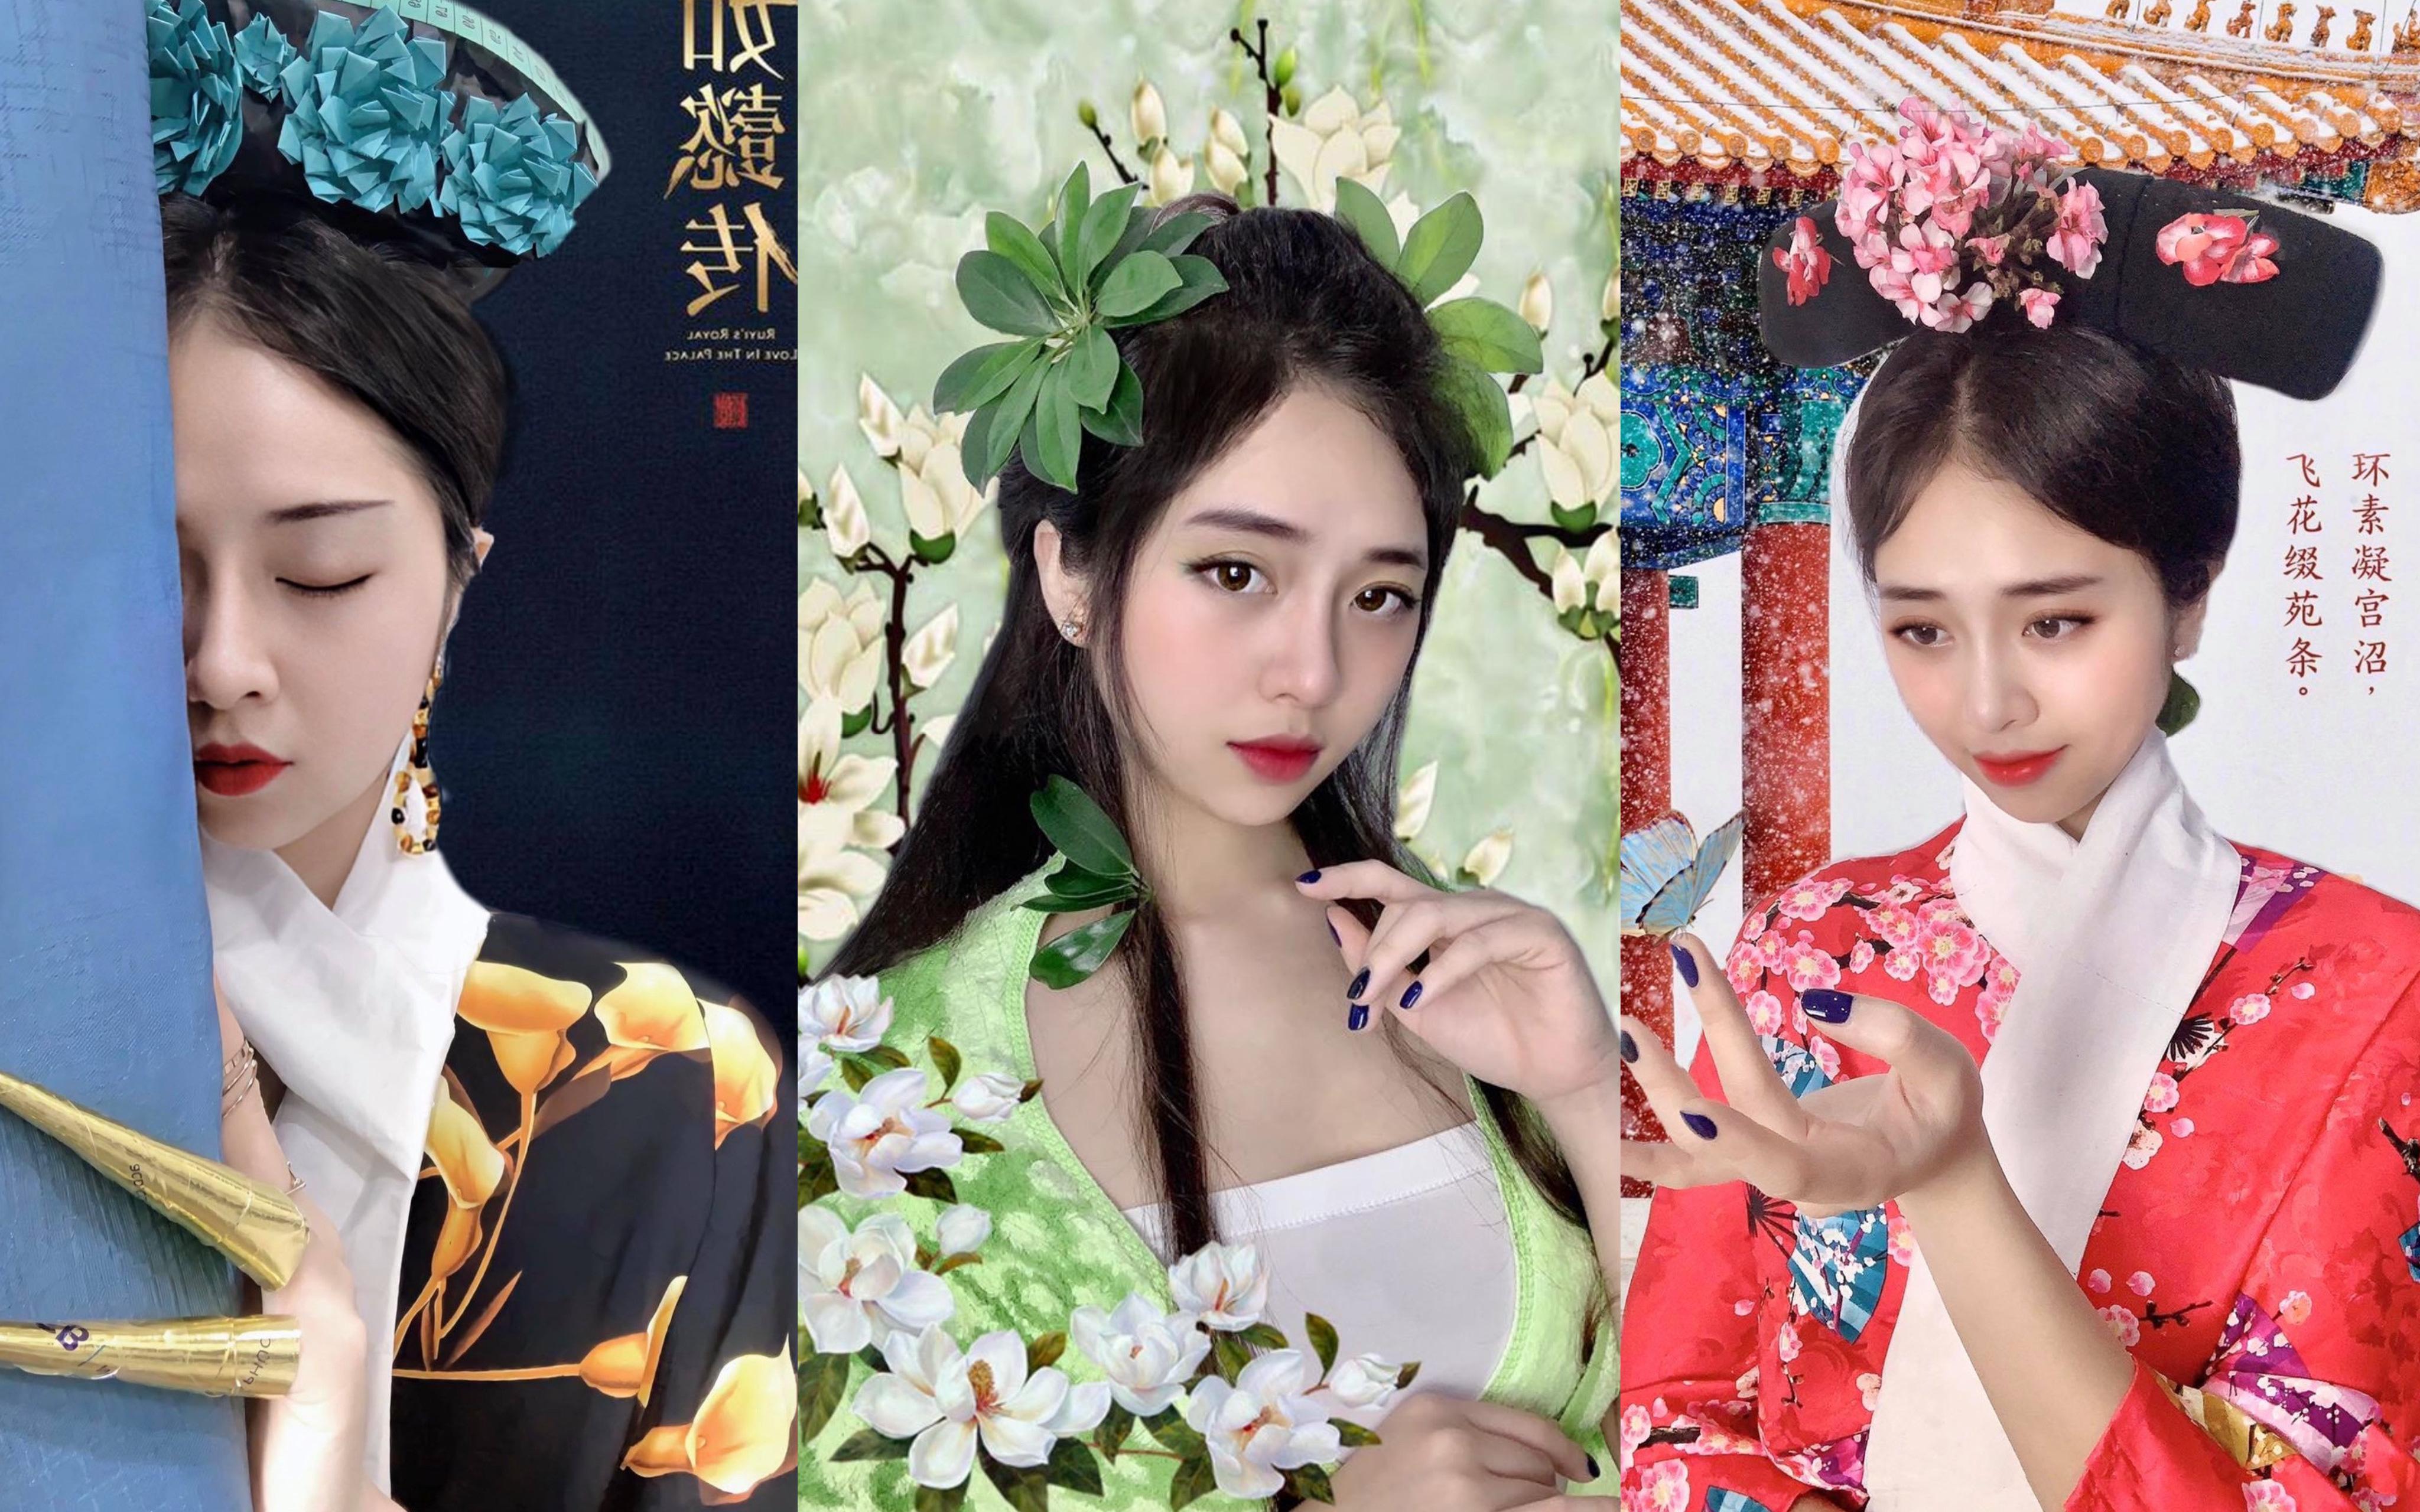 Hot girl gây bão TikTok nhờ loạt clip cosplay nhân vật cổ trang Trung Quốc phong cách ''siêu lầy'', từ Nhàn Phi, Lam Vong Cơ cho đến Lý Mạc Sầu đều giống 99% nguyên gốc!